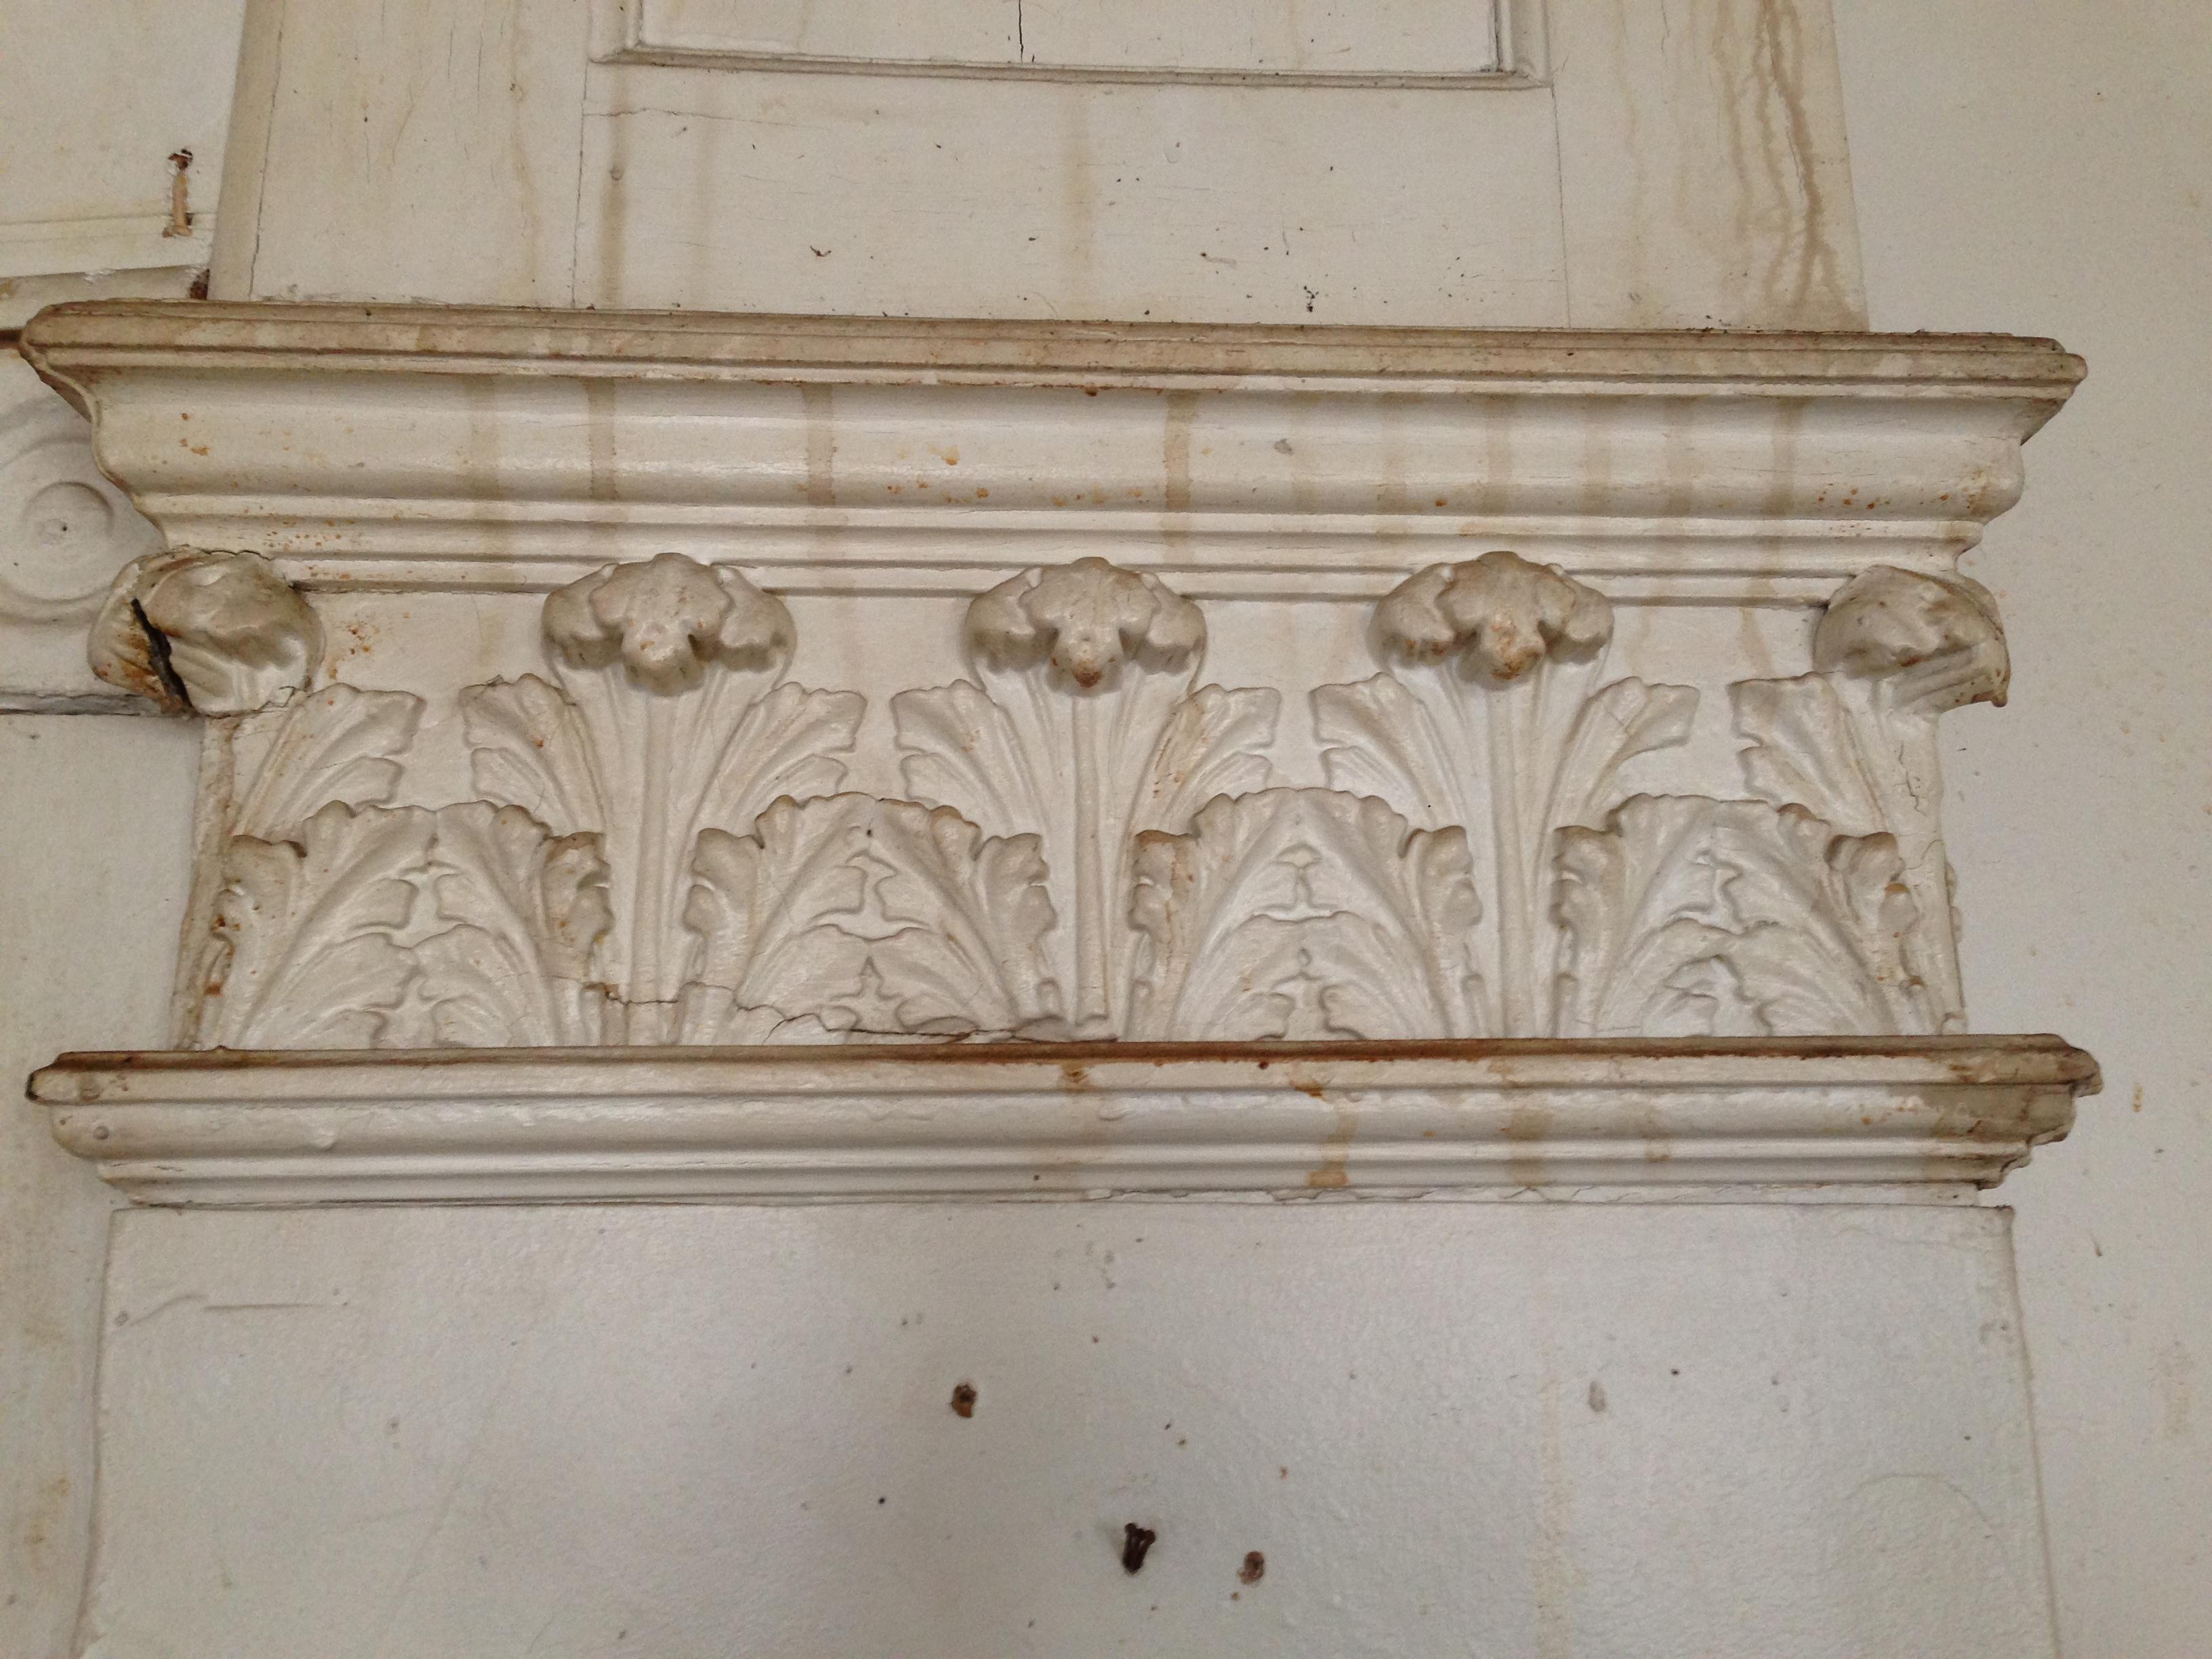 Reparto de moldes de aluminio para el hormigón ornamental banco de hormigón parque Machinery Company Fin Moho, ()